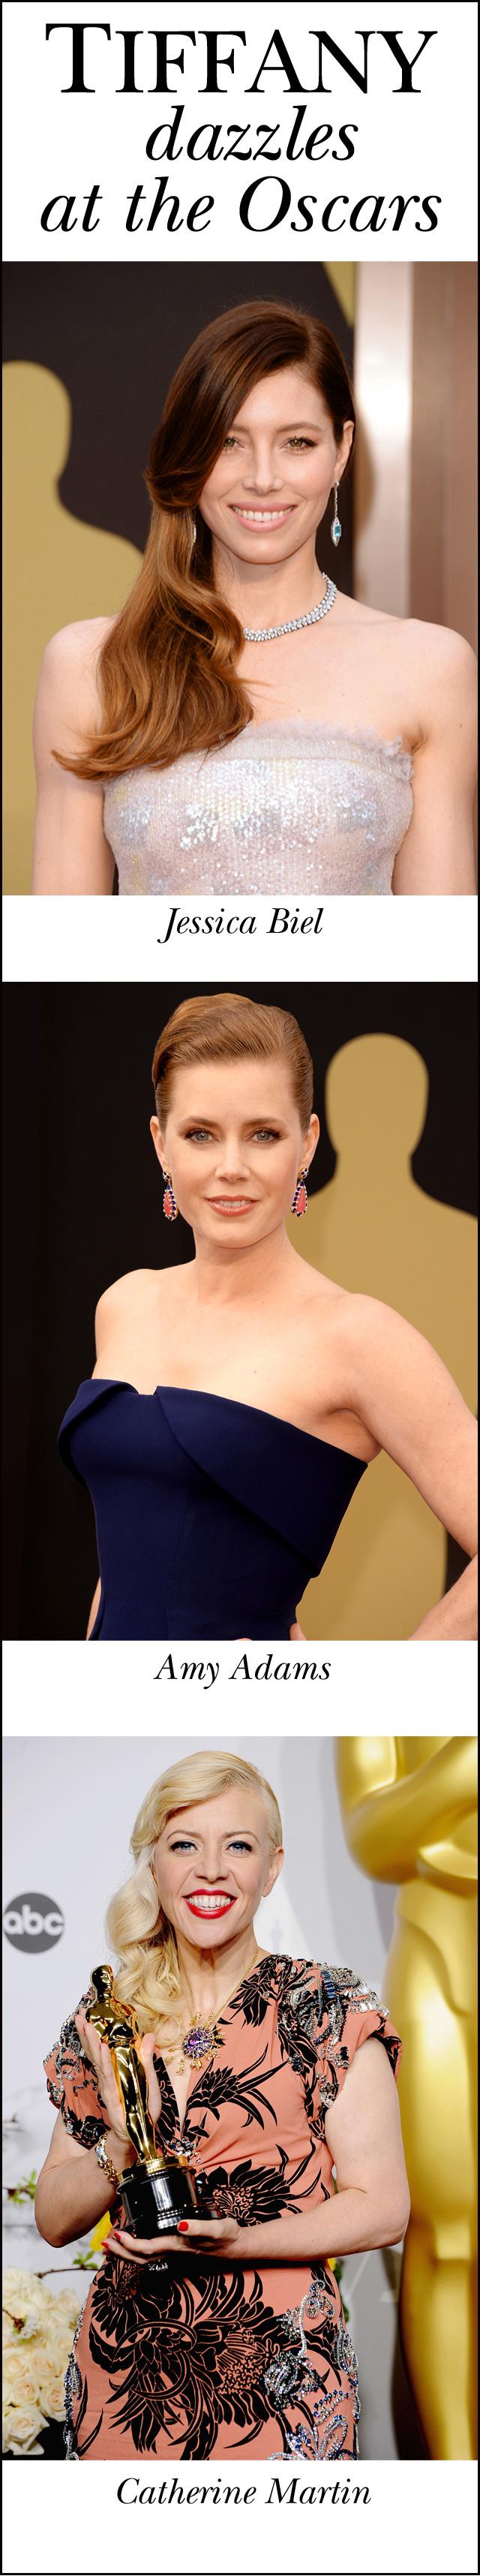 Tiffany & Co., Oscars Awards, Jewellery, Perfect Wedding Magazine, Jessica Biel, Amy Adams, Catherine Martin